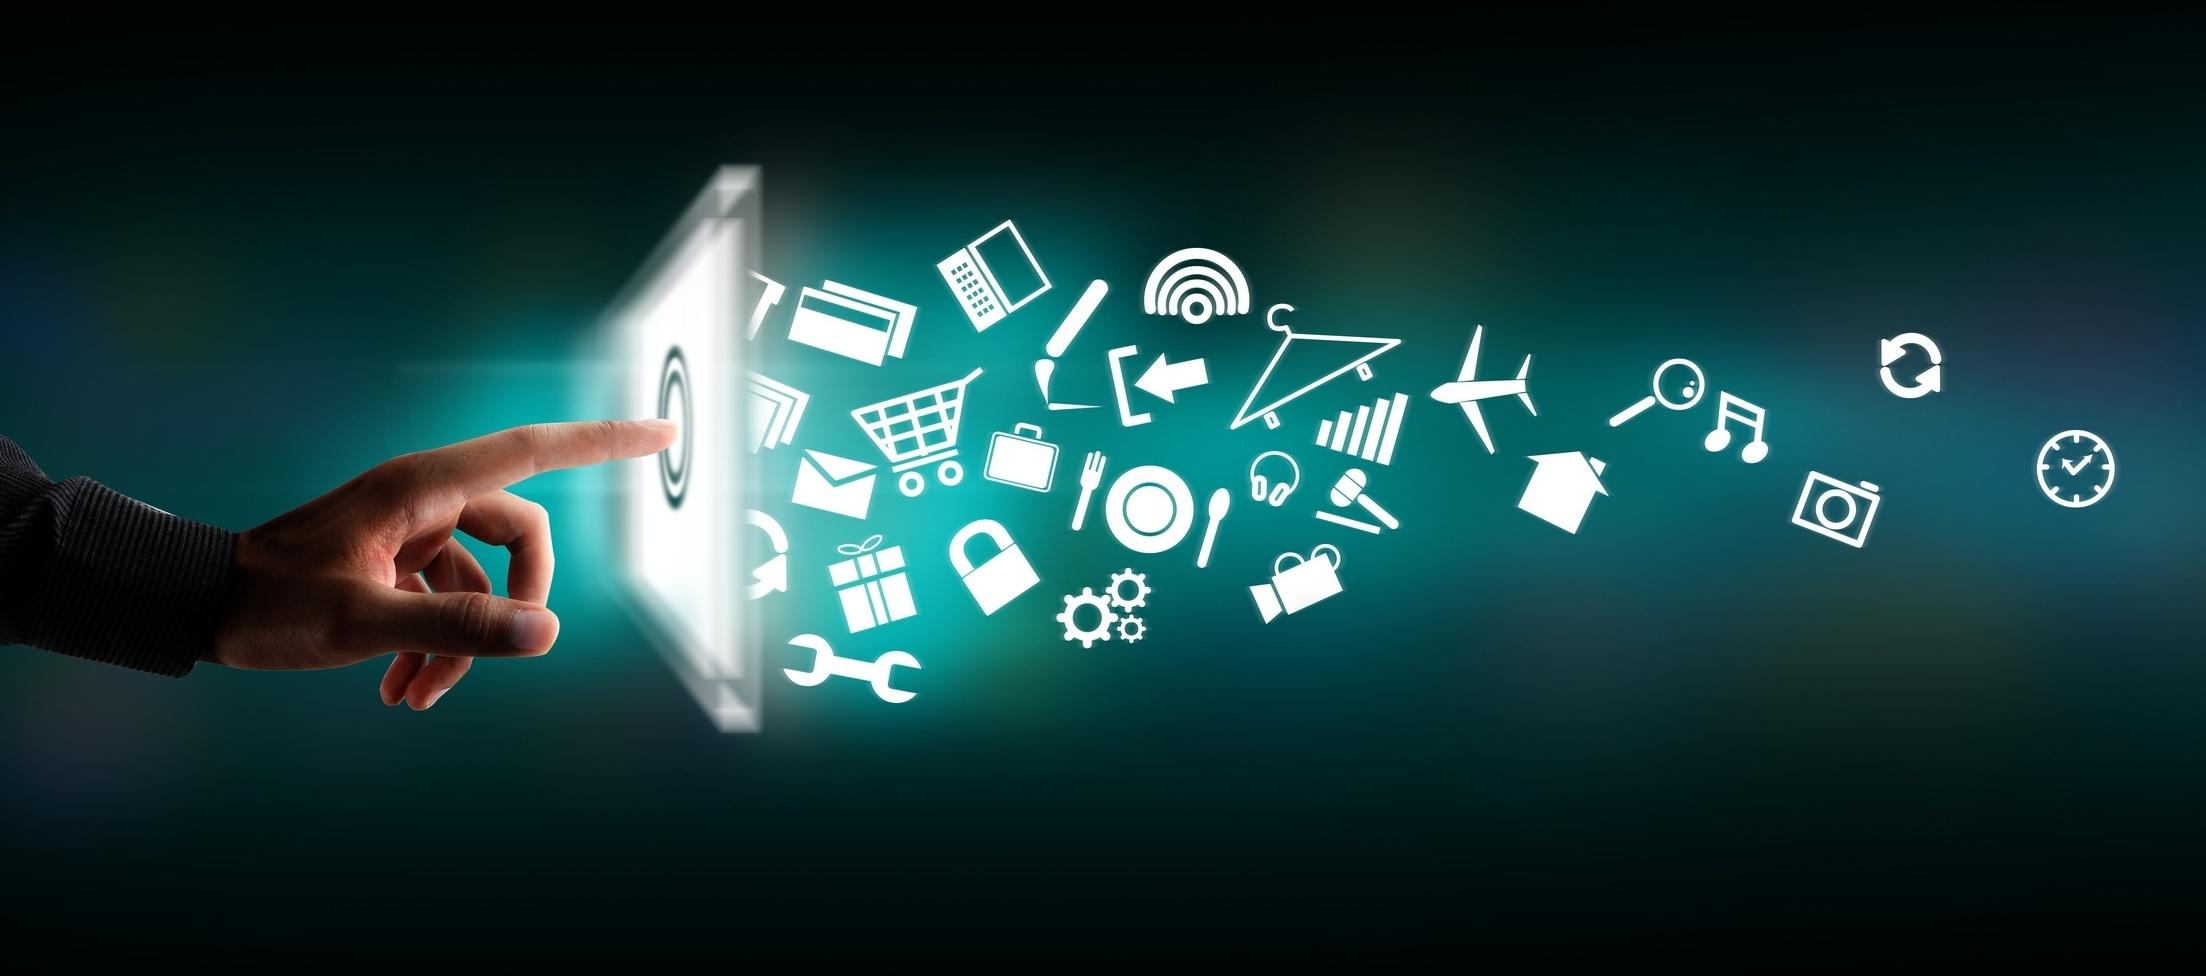 Cómo usar el marketing digital para crecer tu negocio